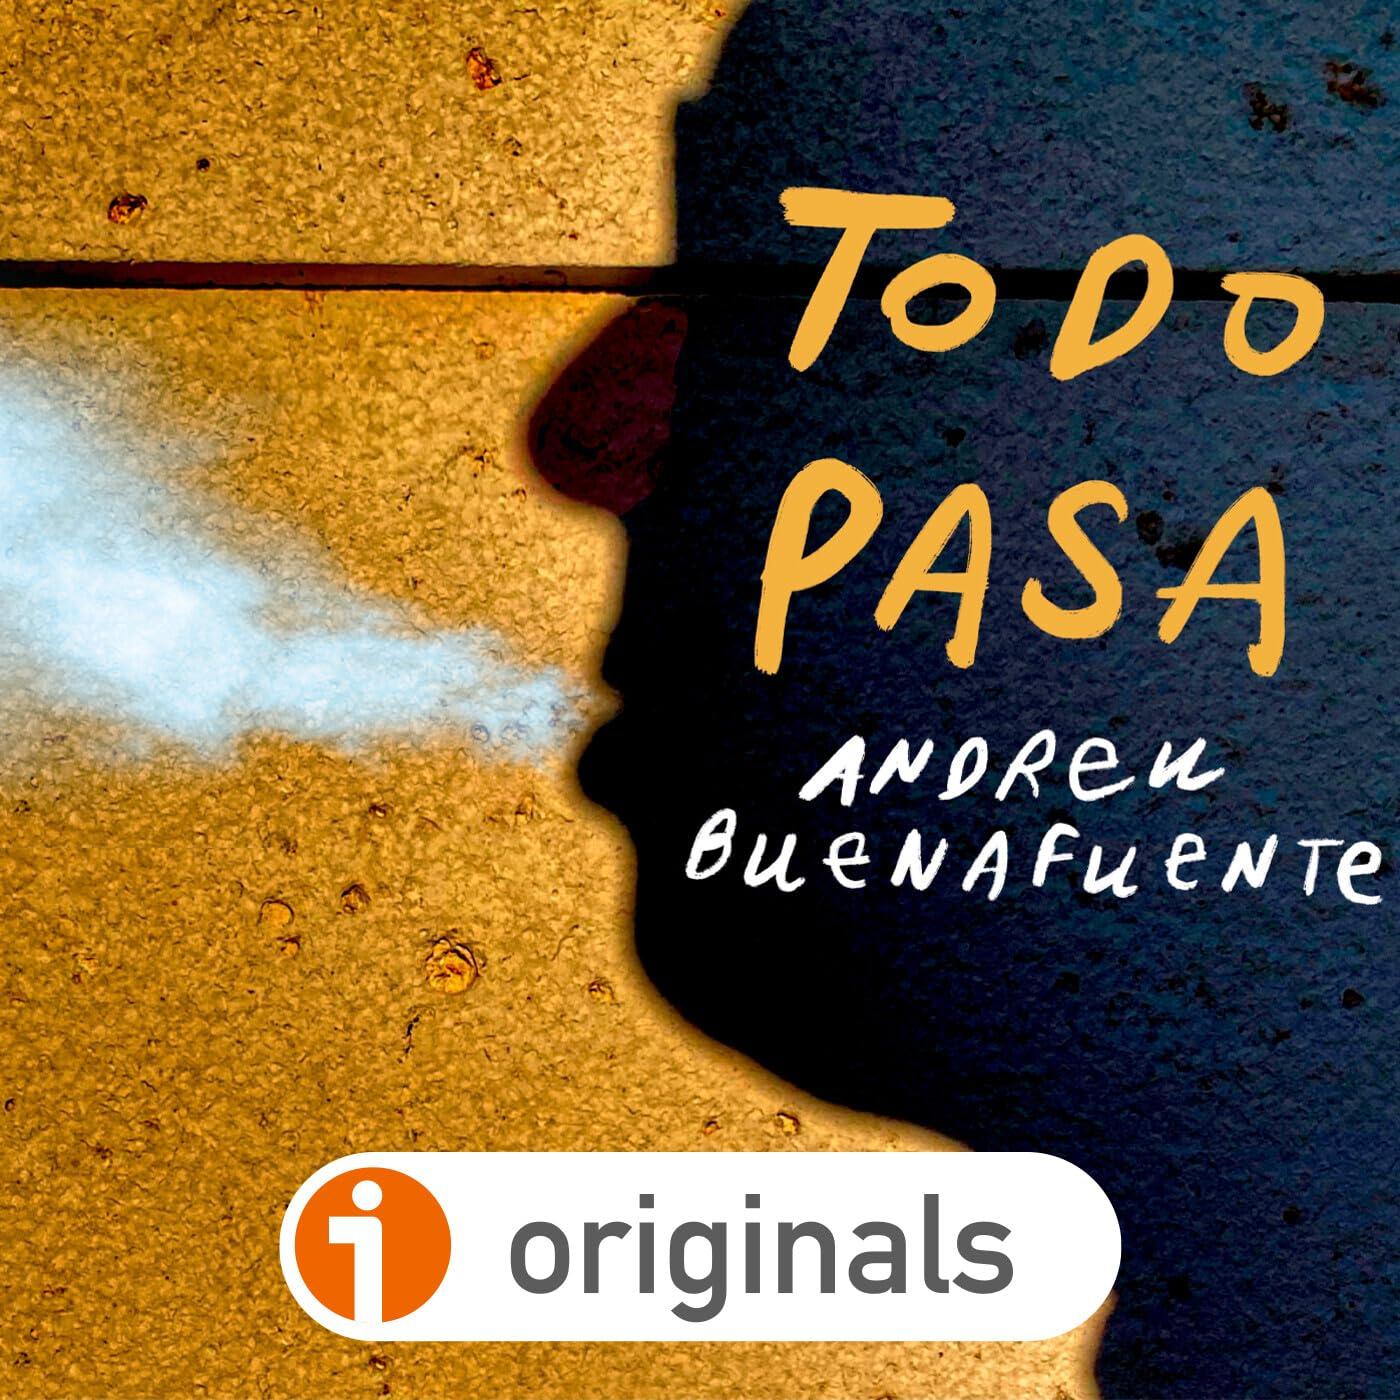 TODO PASA con Andreu Buenafuente